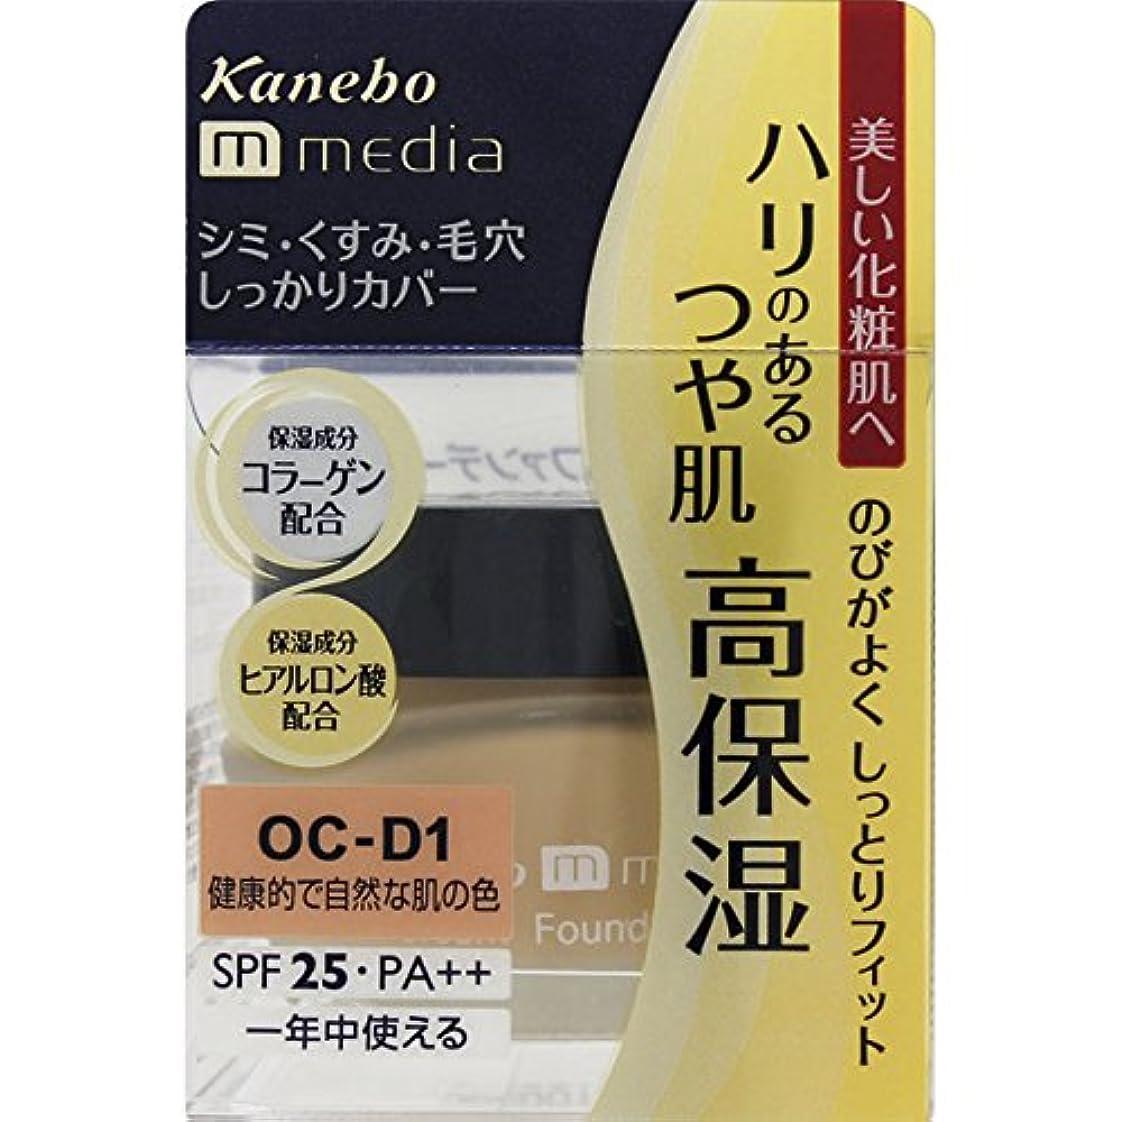 高齢者アトミックセレナカネボウ化粧品 メディア クリームファンデーション 健康的で自然な肌の色 OC-D1